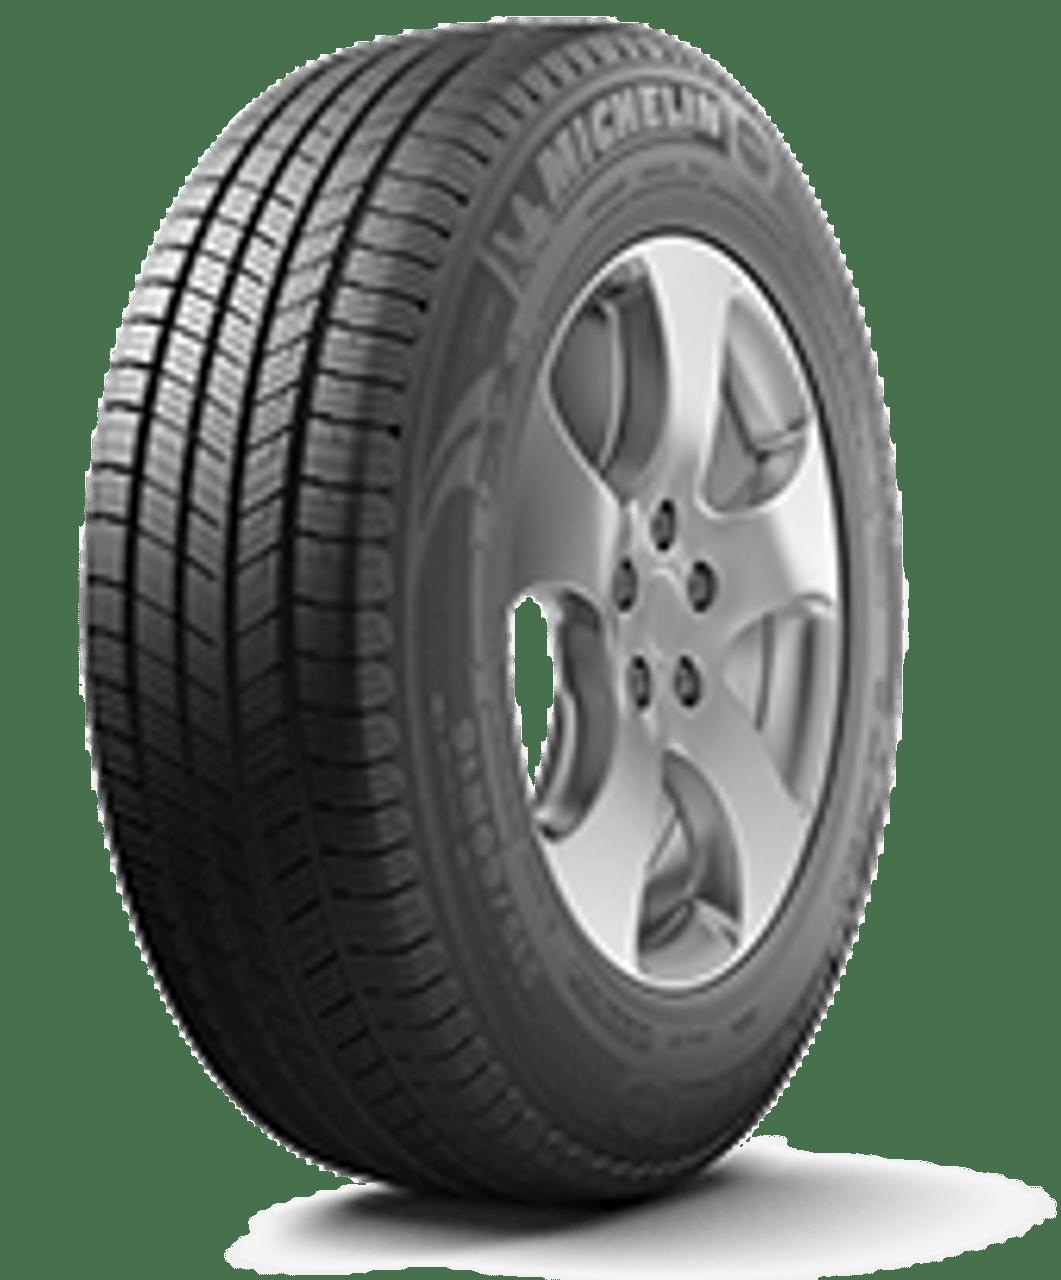 Michelin Defender tire - Consumer Reports